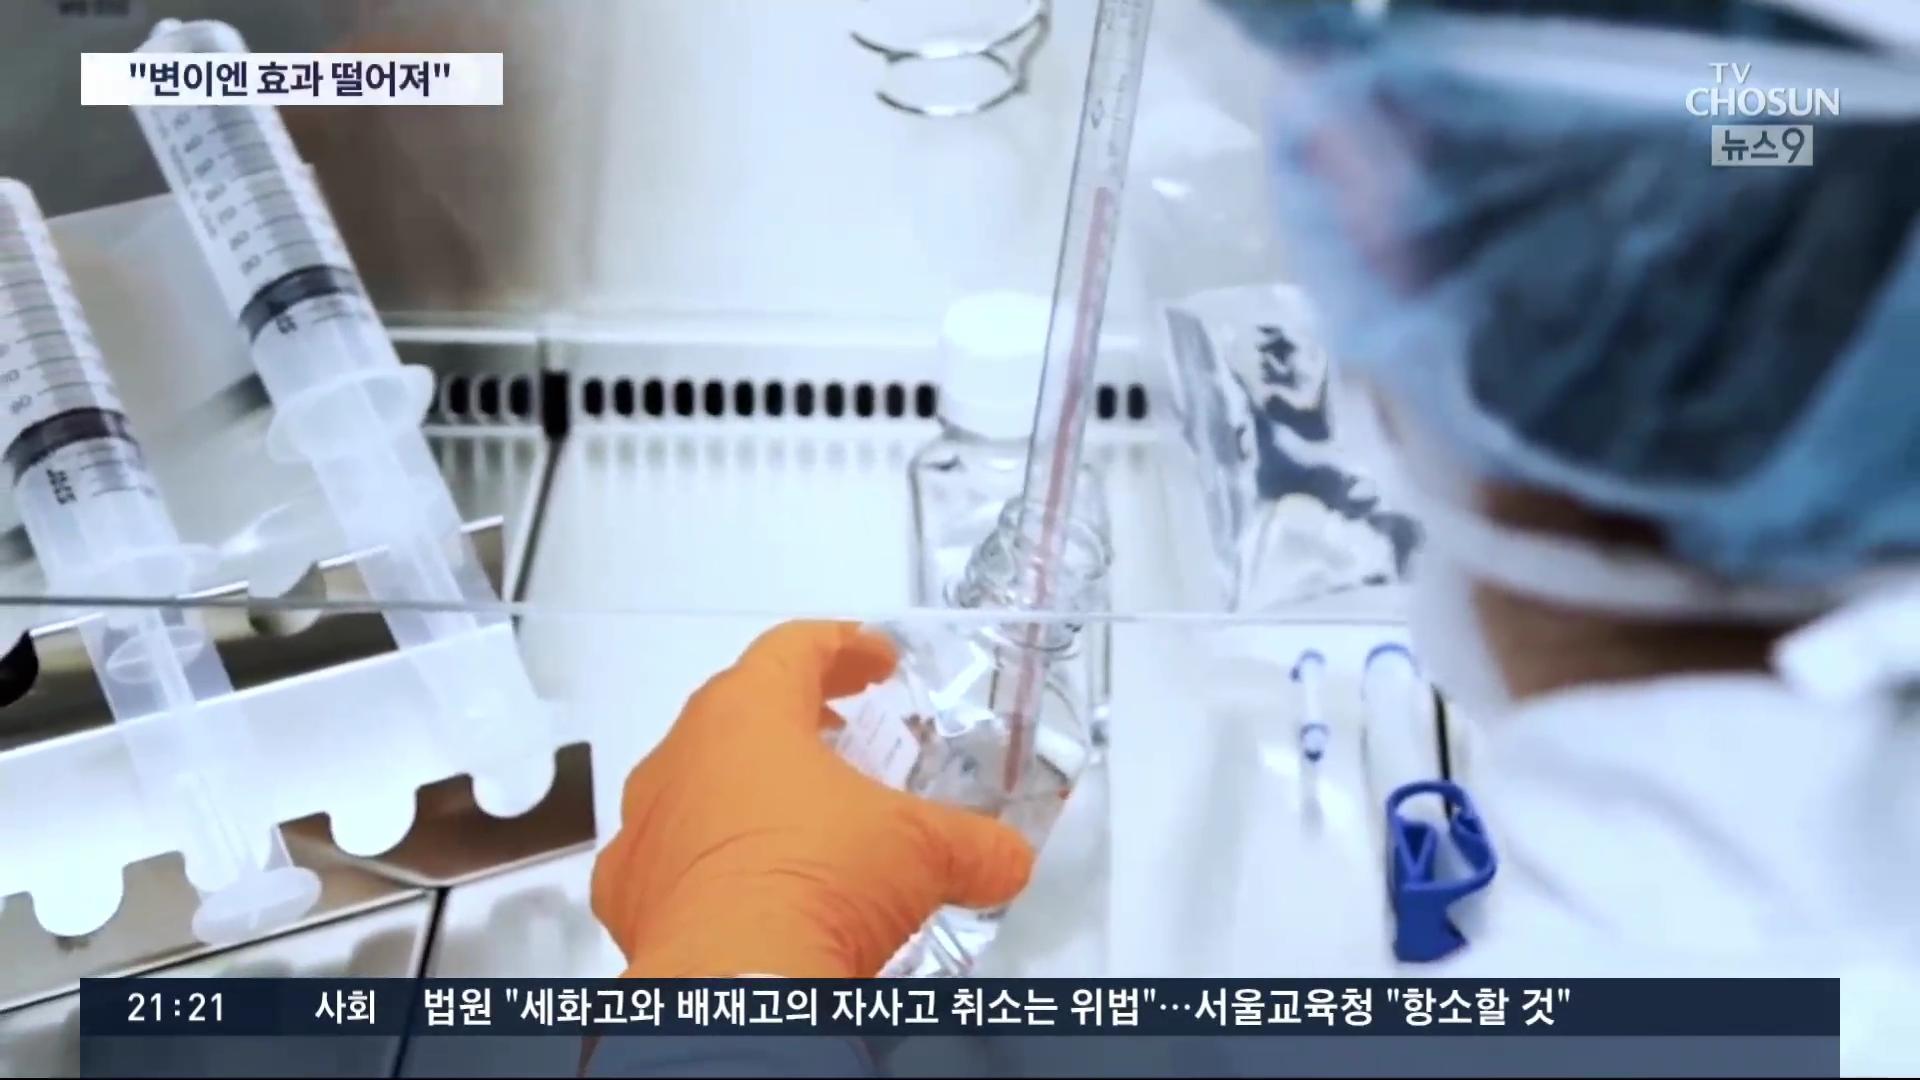 기존 백신들, 변이 바이러스에 효과 3분의2 이상 감소